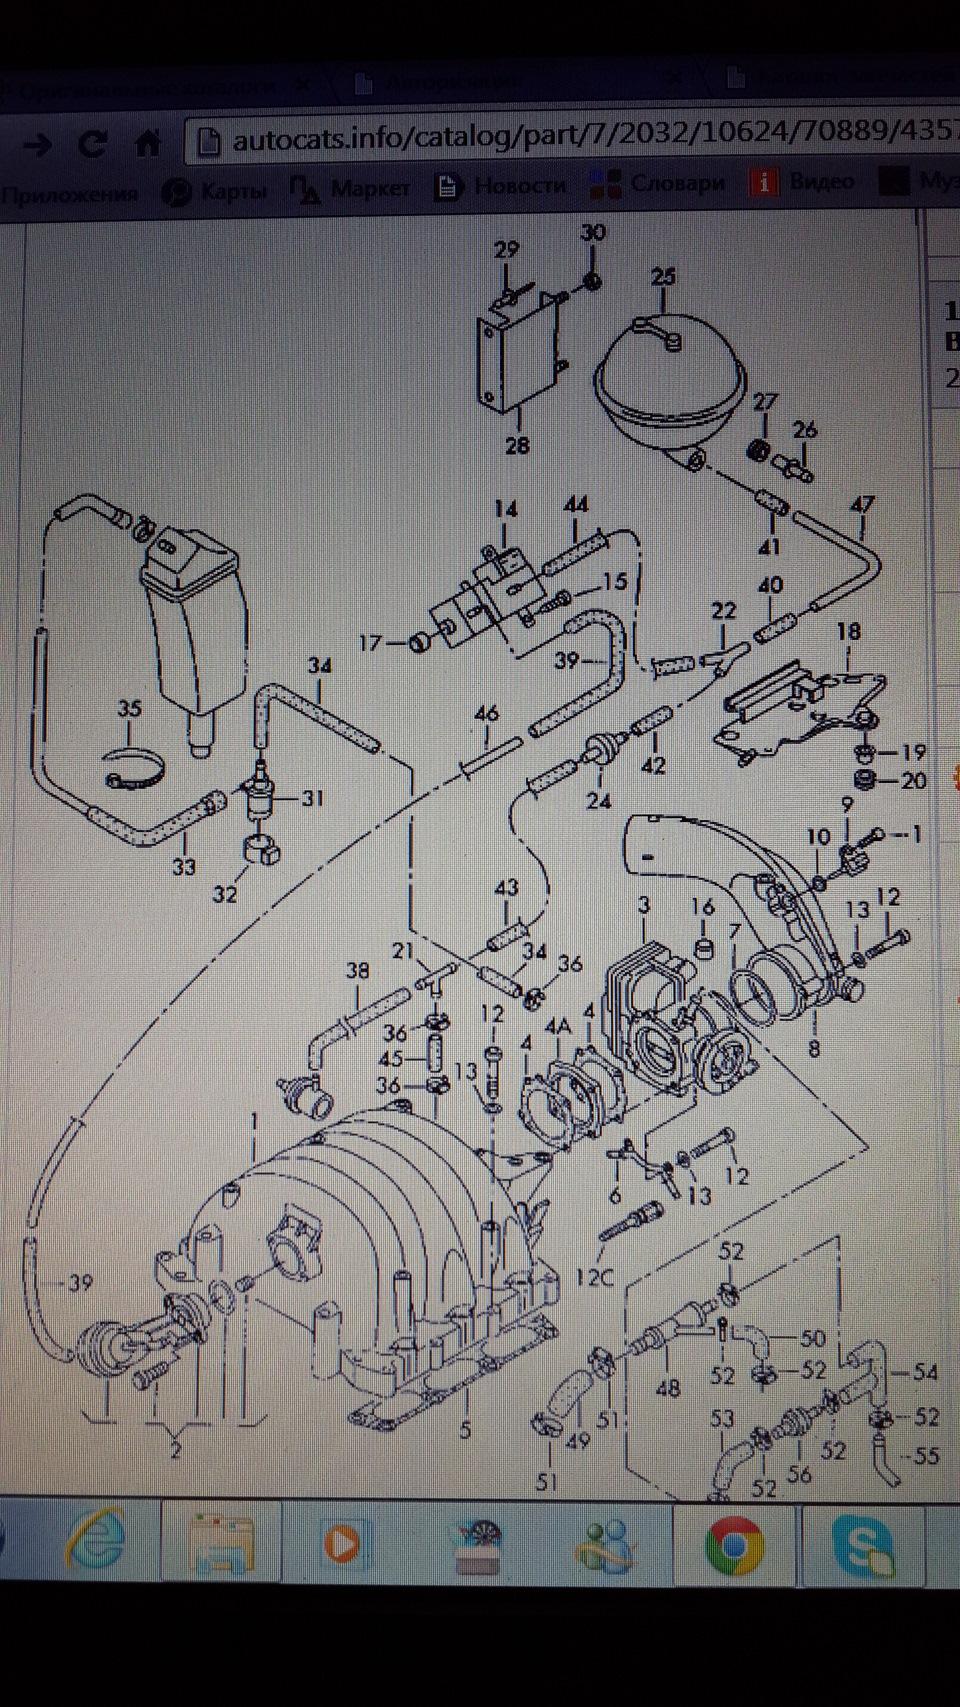 схема топливной системы audi a6 1998 2,4 alf